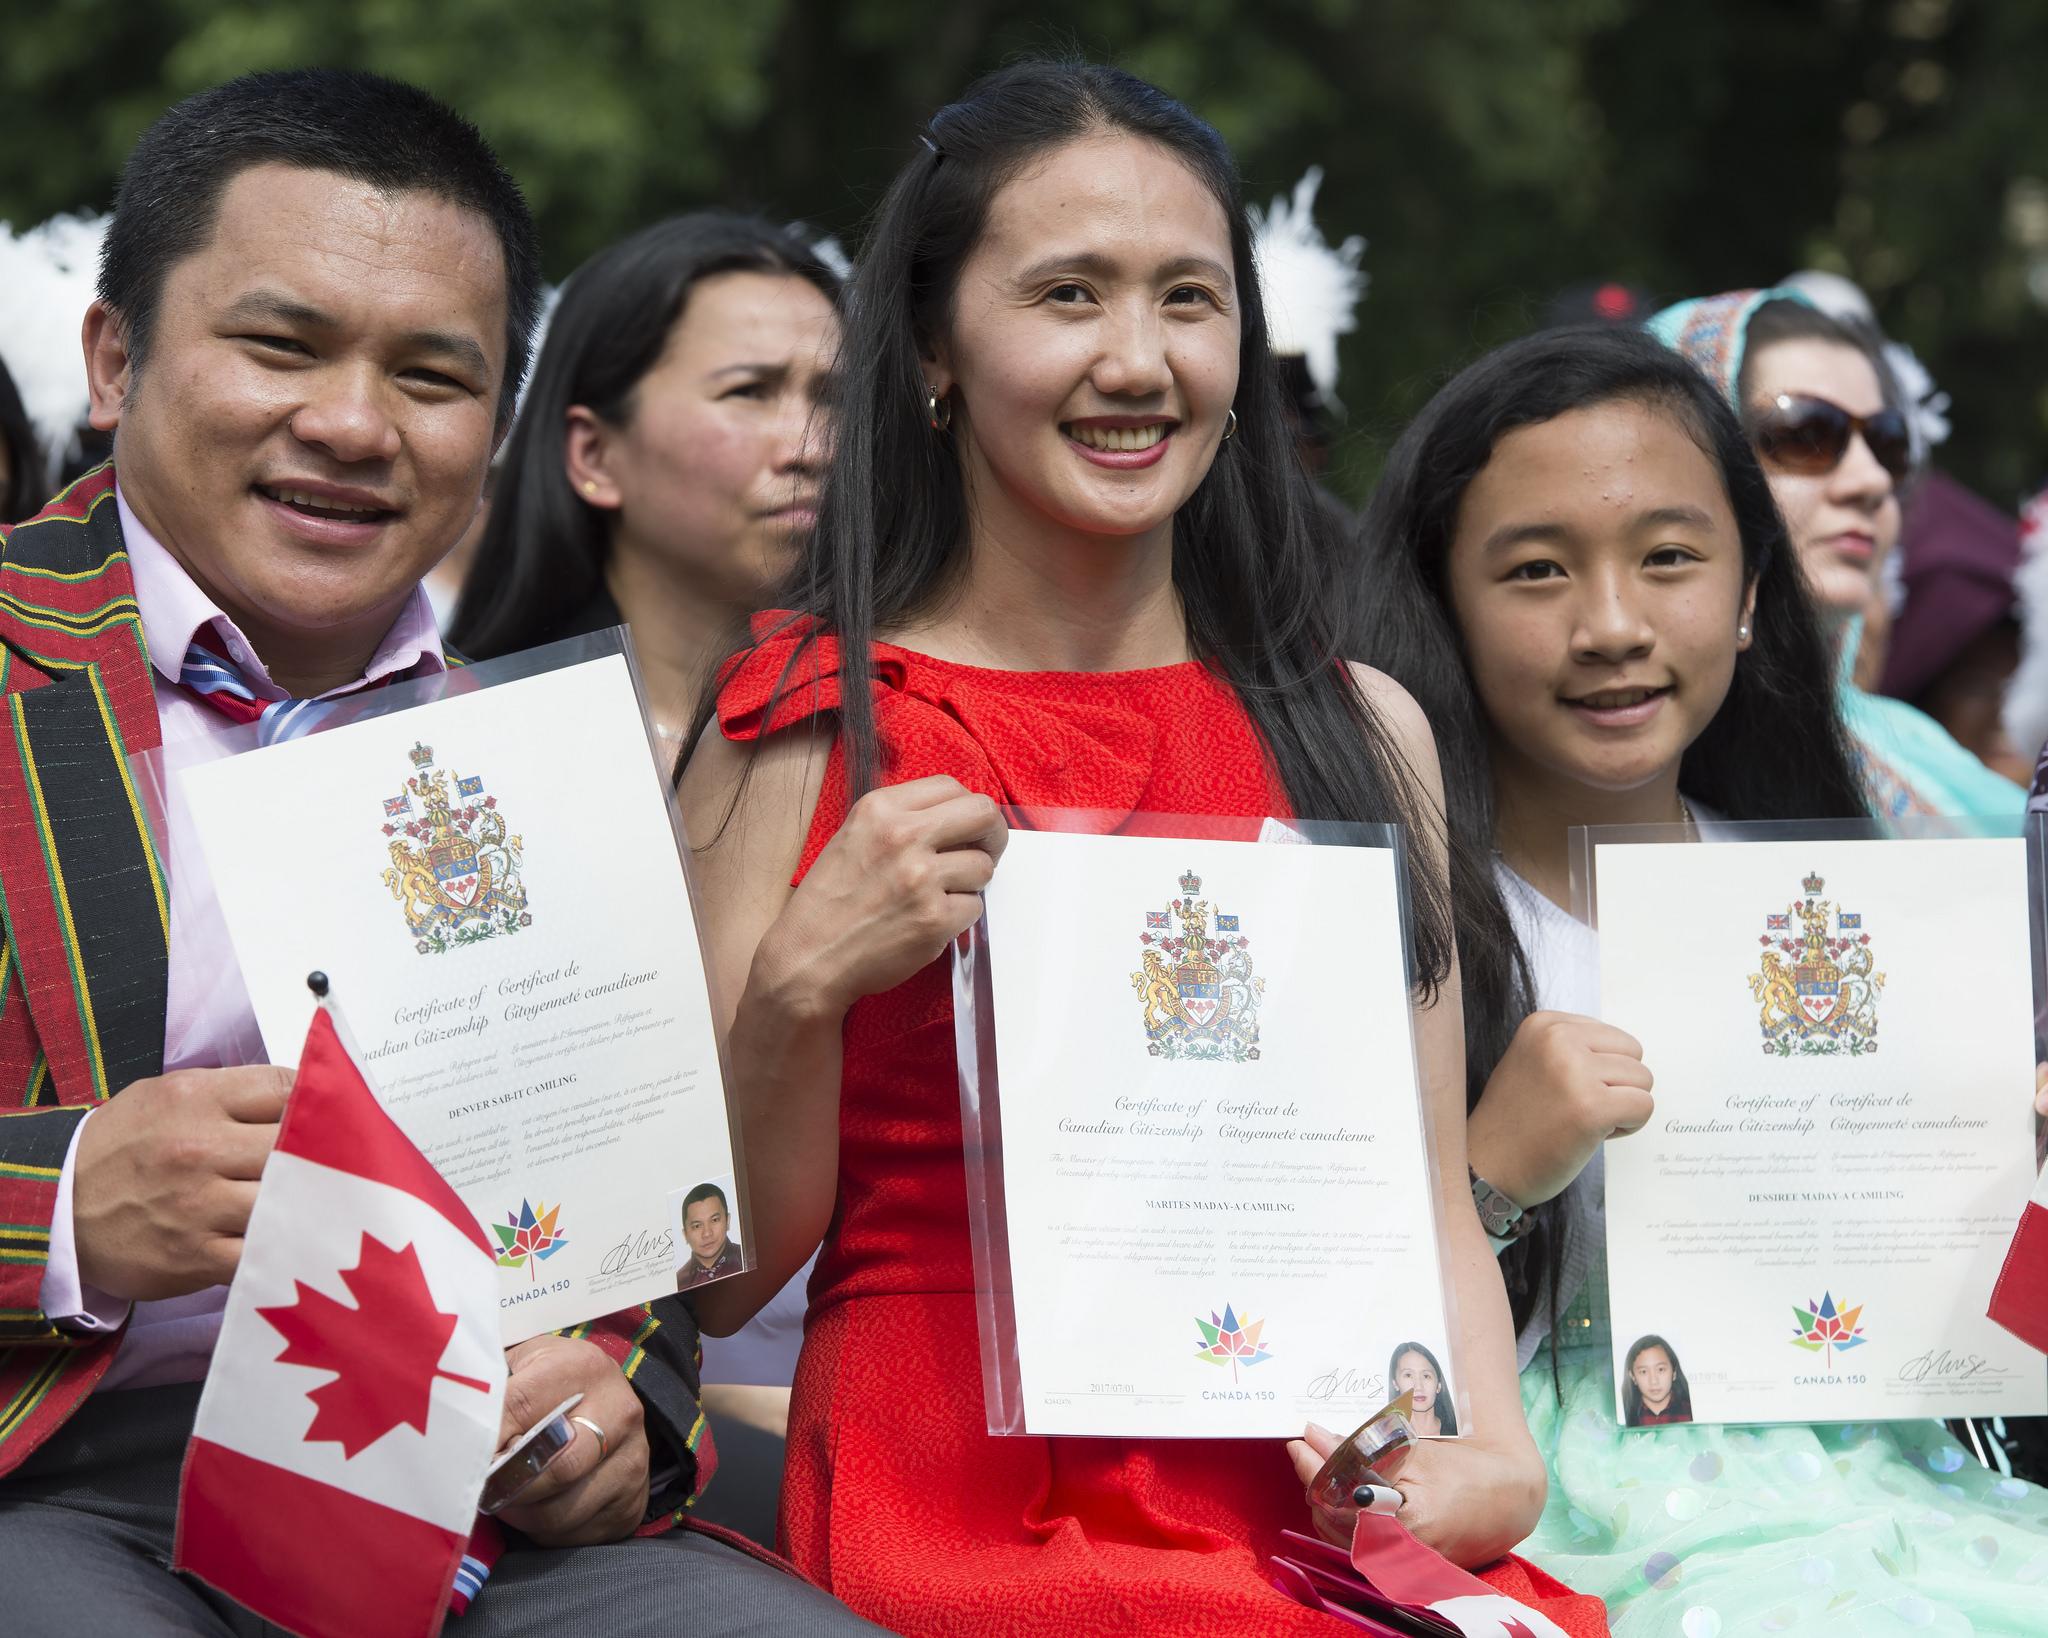 Inmigración en Canadá - Wikipedia, la enciclopedia libre